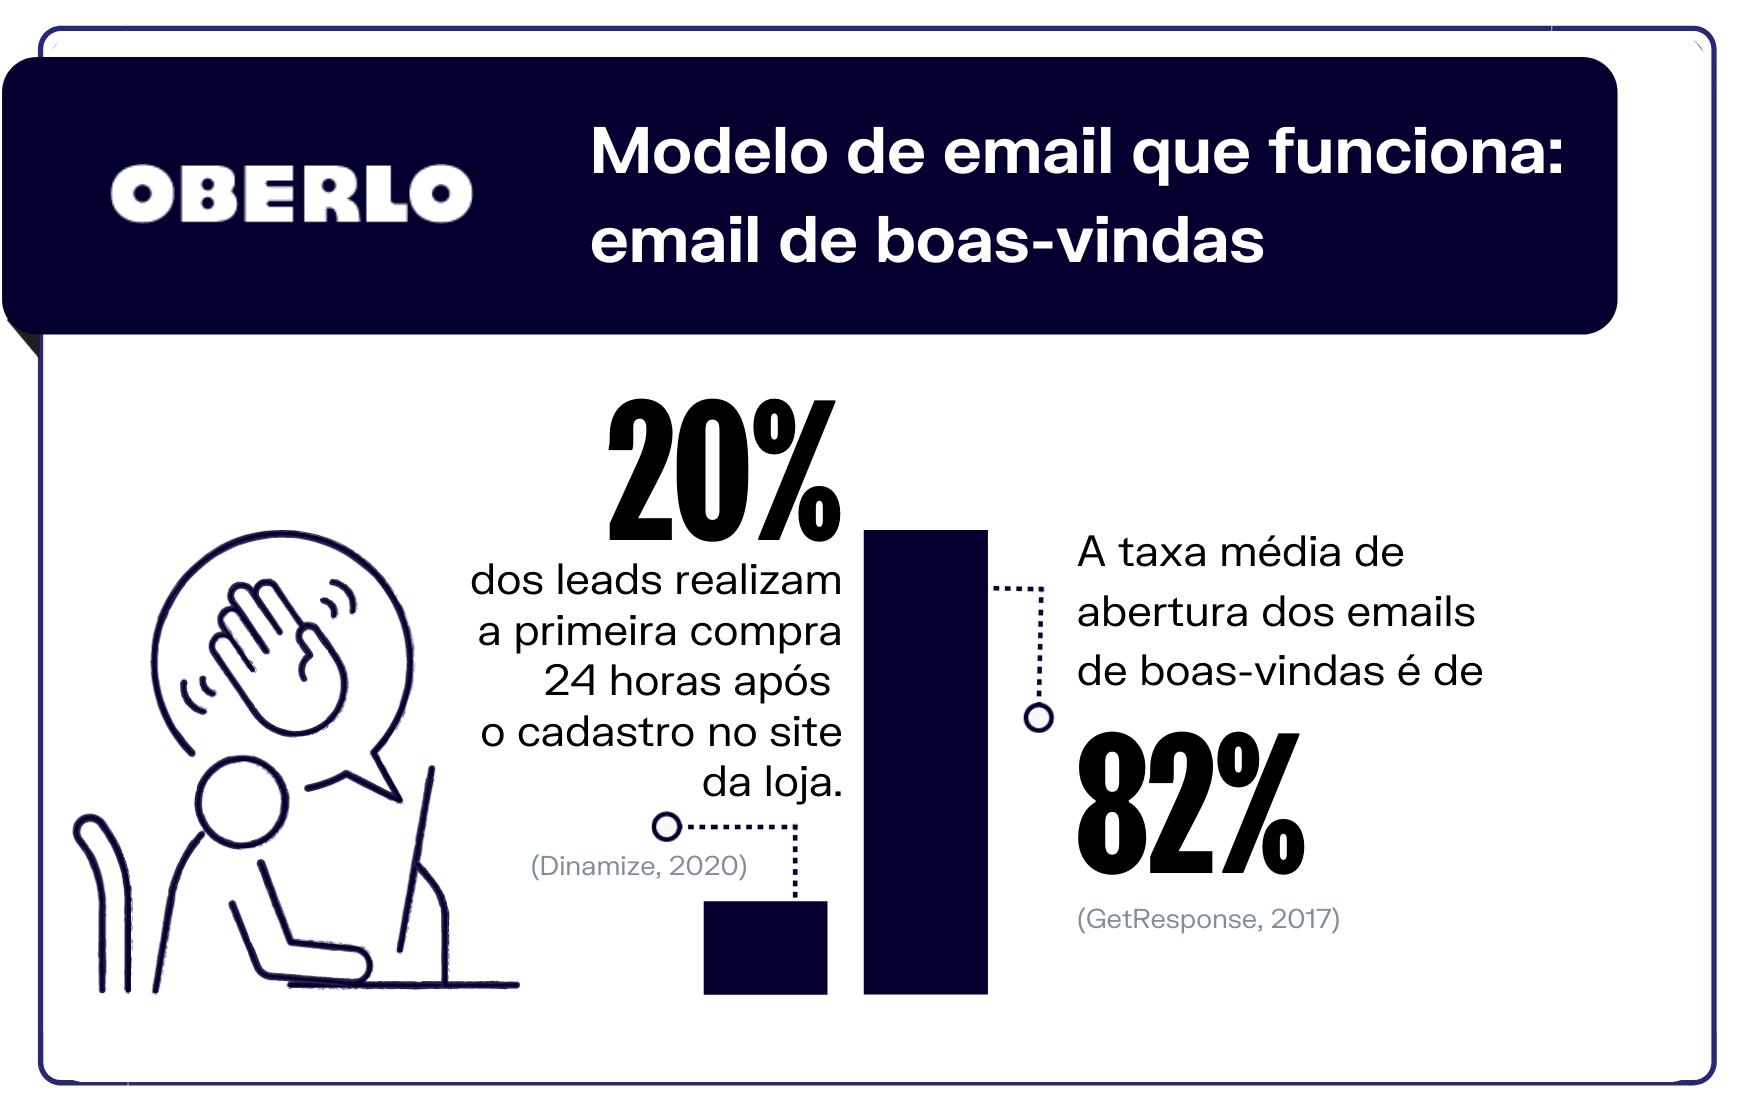 Estatísticas de email marketing - Modelo de email que funciona: email de boas-vindas